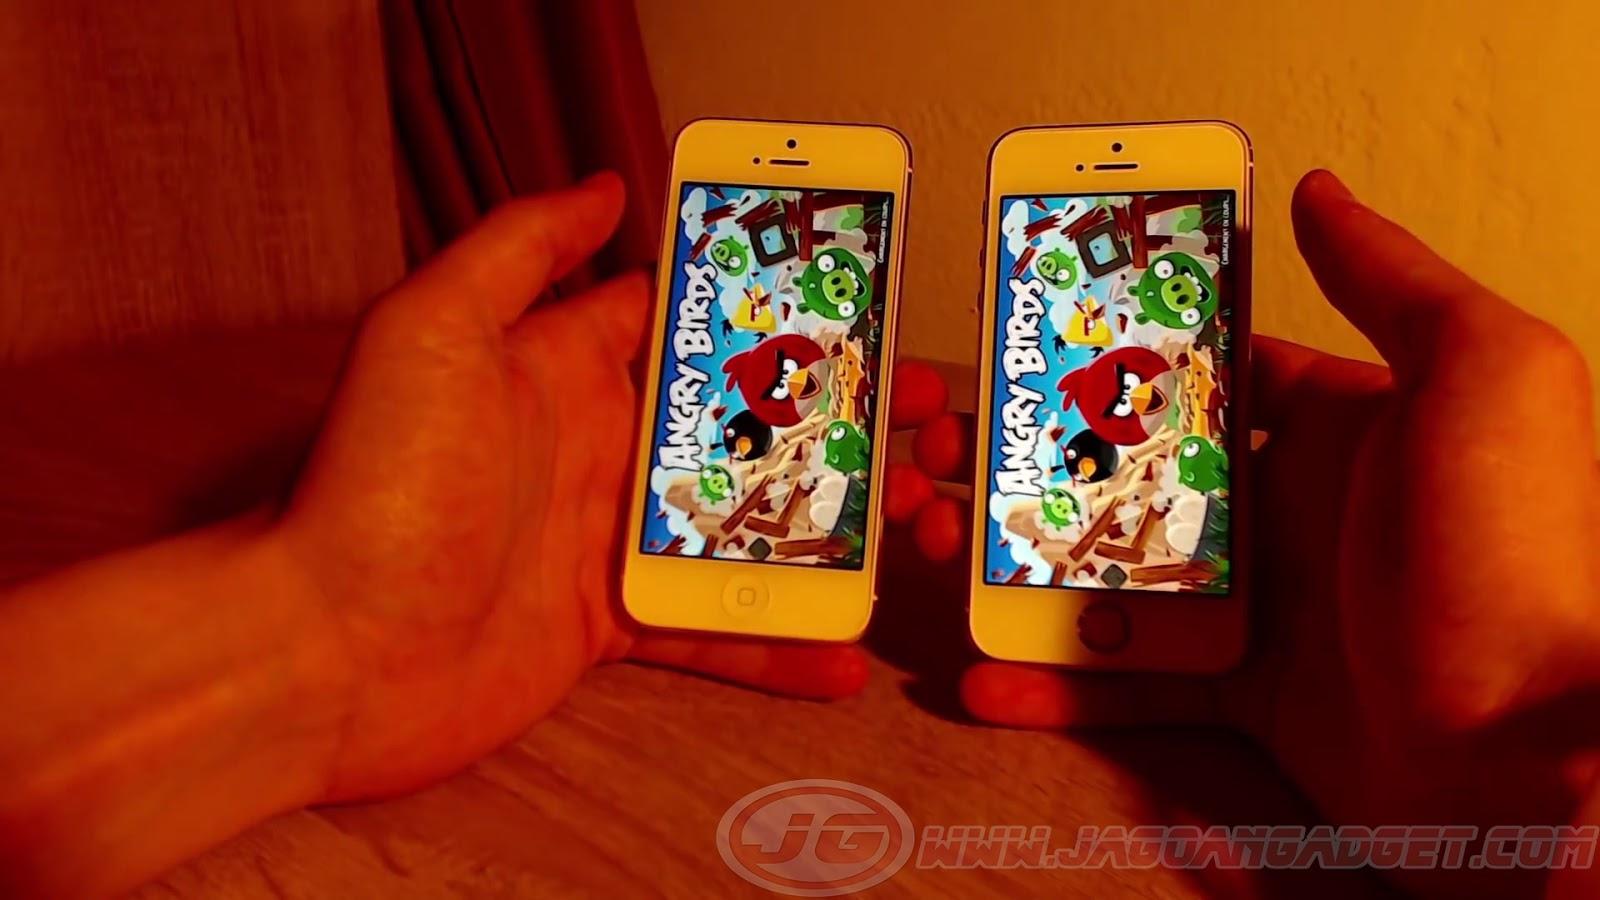 98 Koleksi Wallpaper Mesin Hp Iphone 5s HD